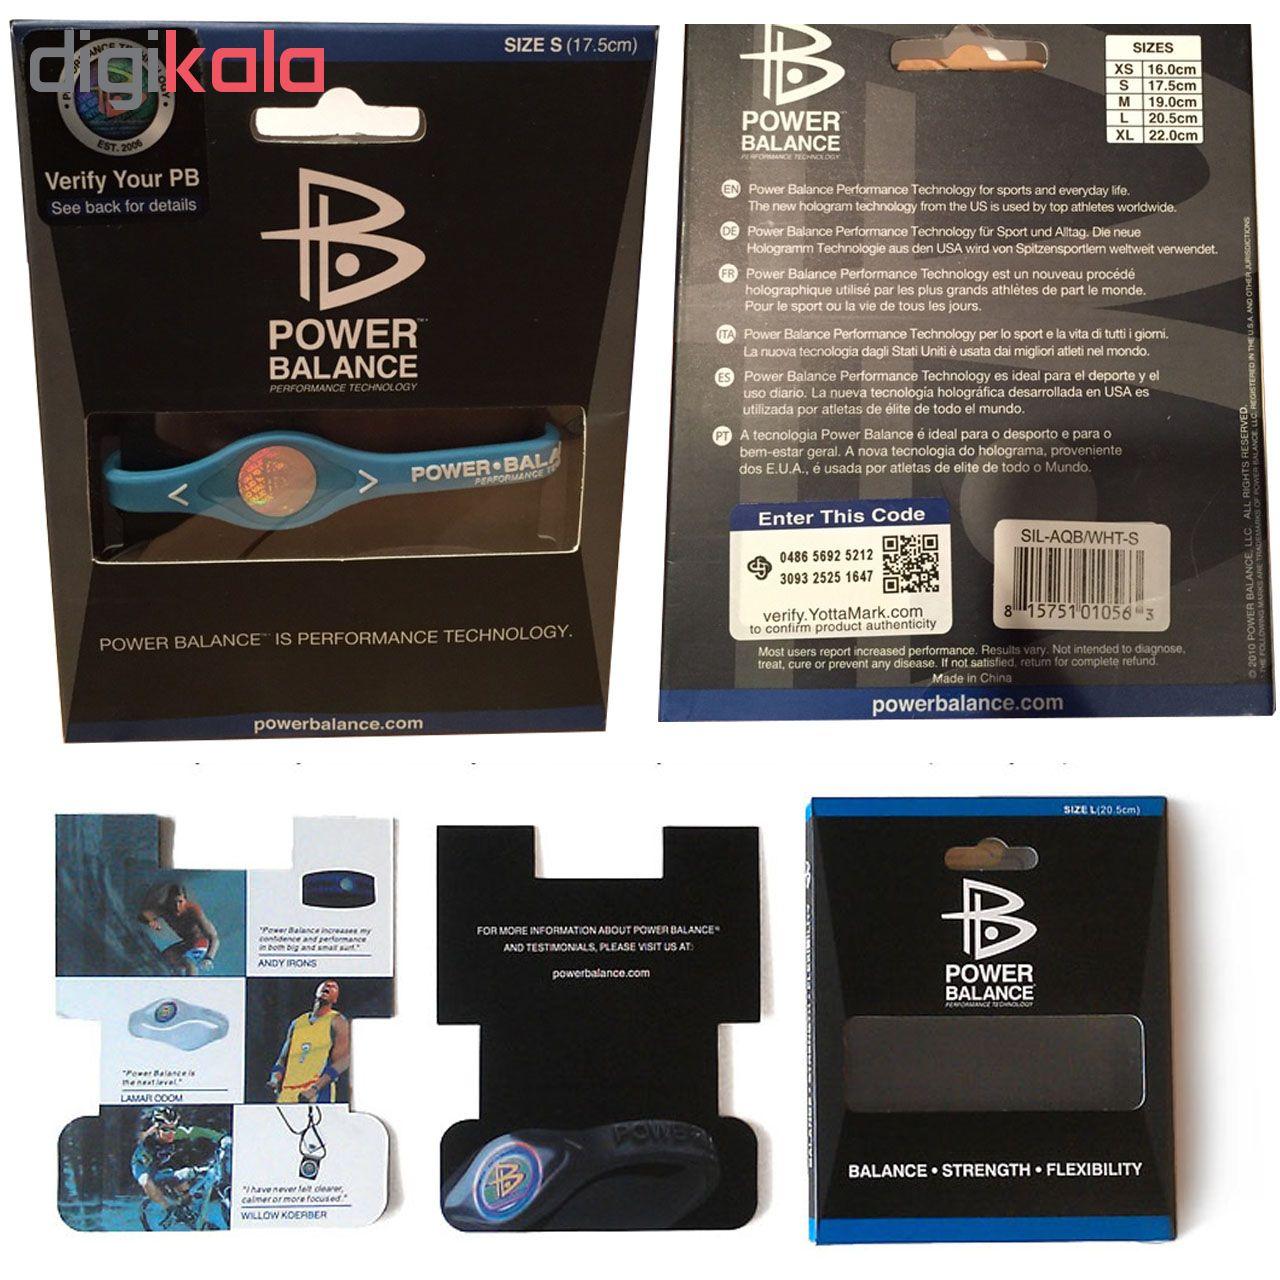 دستبند مغناطیسی پاور بالانس مدل BLACK Power Balance SIZE M